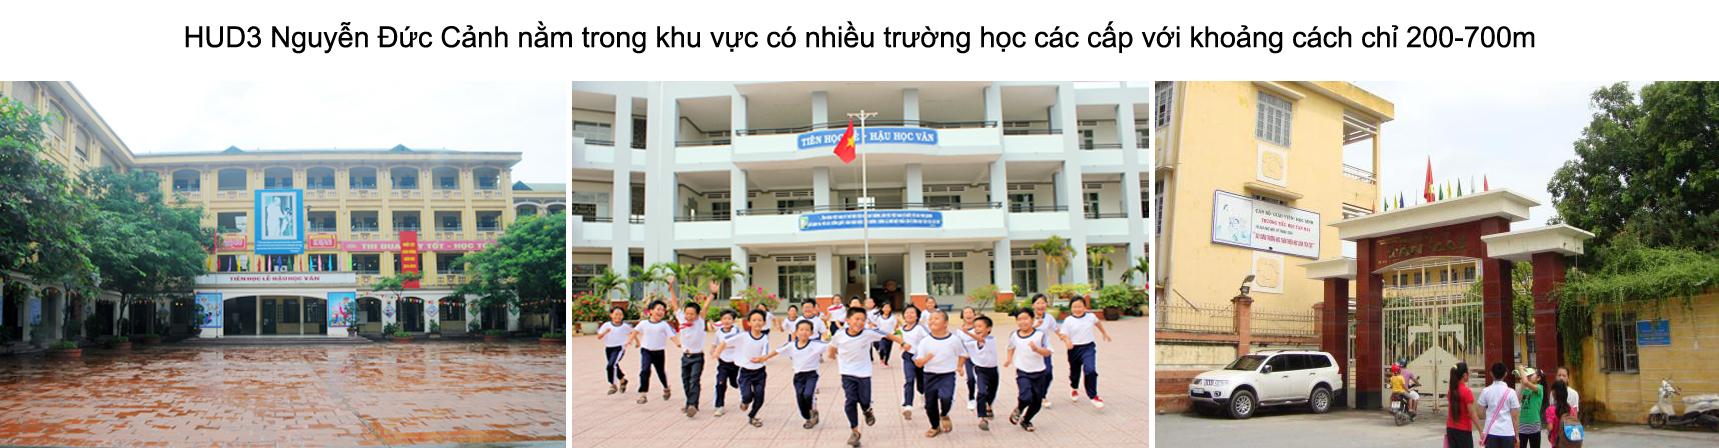 Trường học gần chung cư HUD3 Nguyễn Đức Cảnh